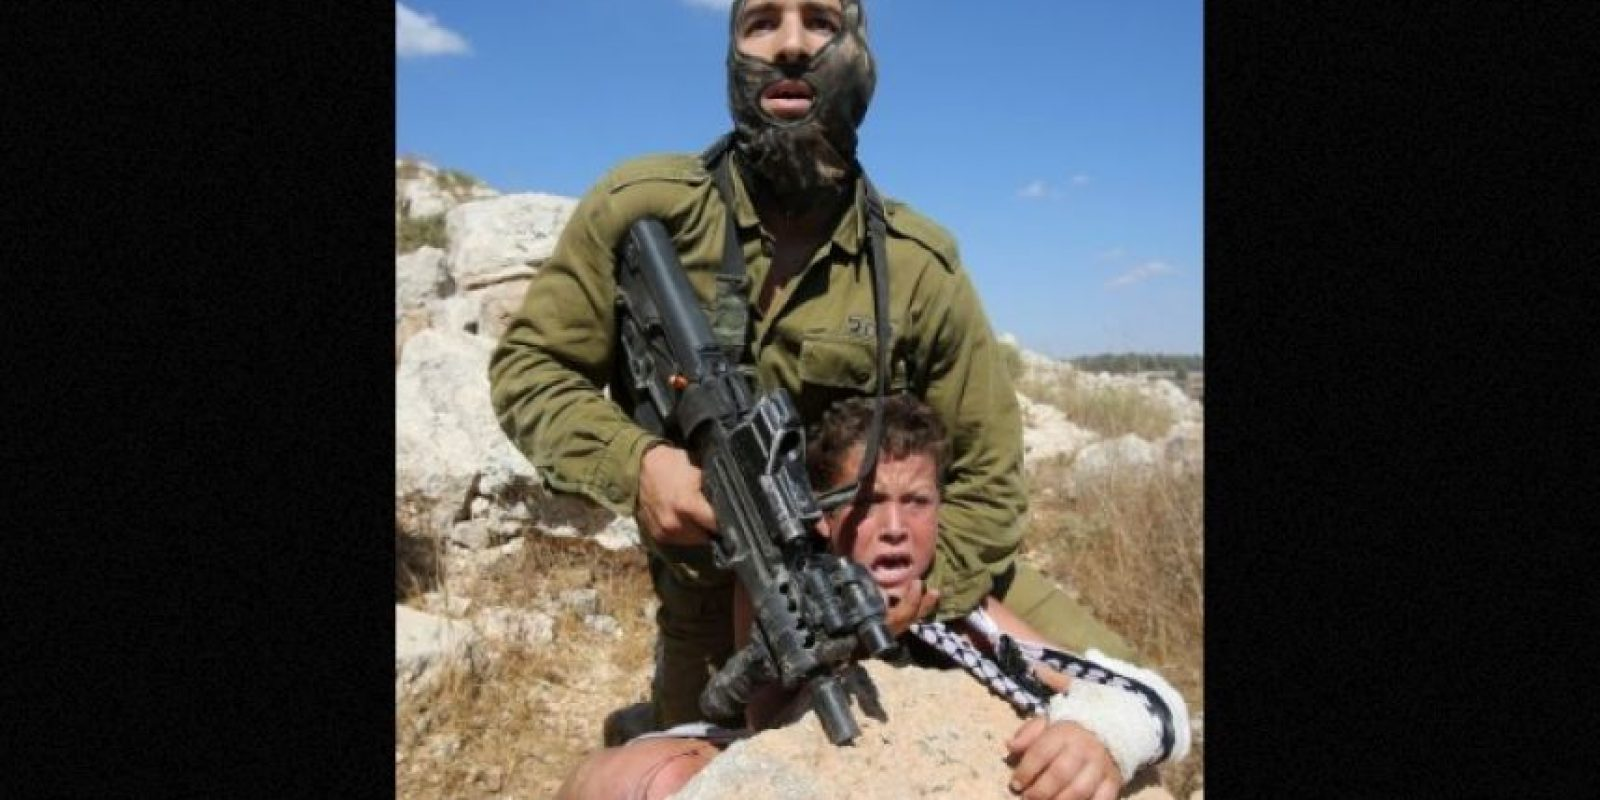 Muestran a un soldado ejerciendo presión sobre un menor de edad, quien presuntamente le arrojó piedras Foto:AFP